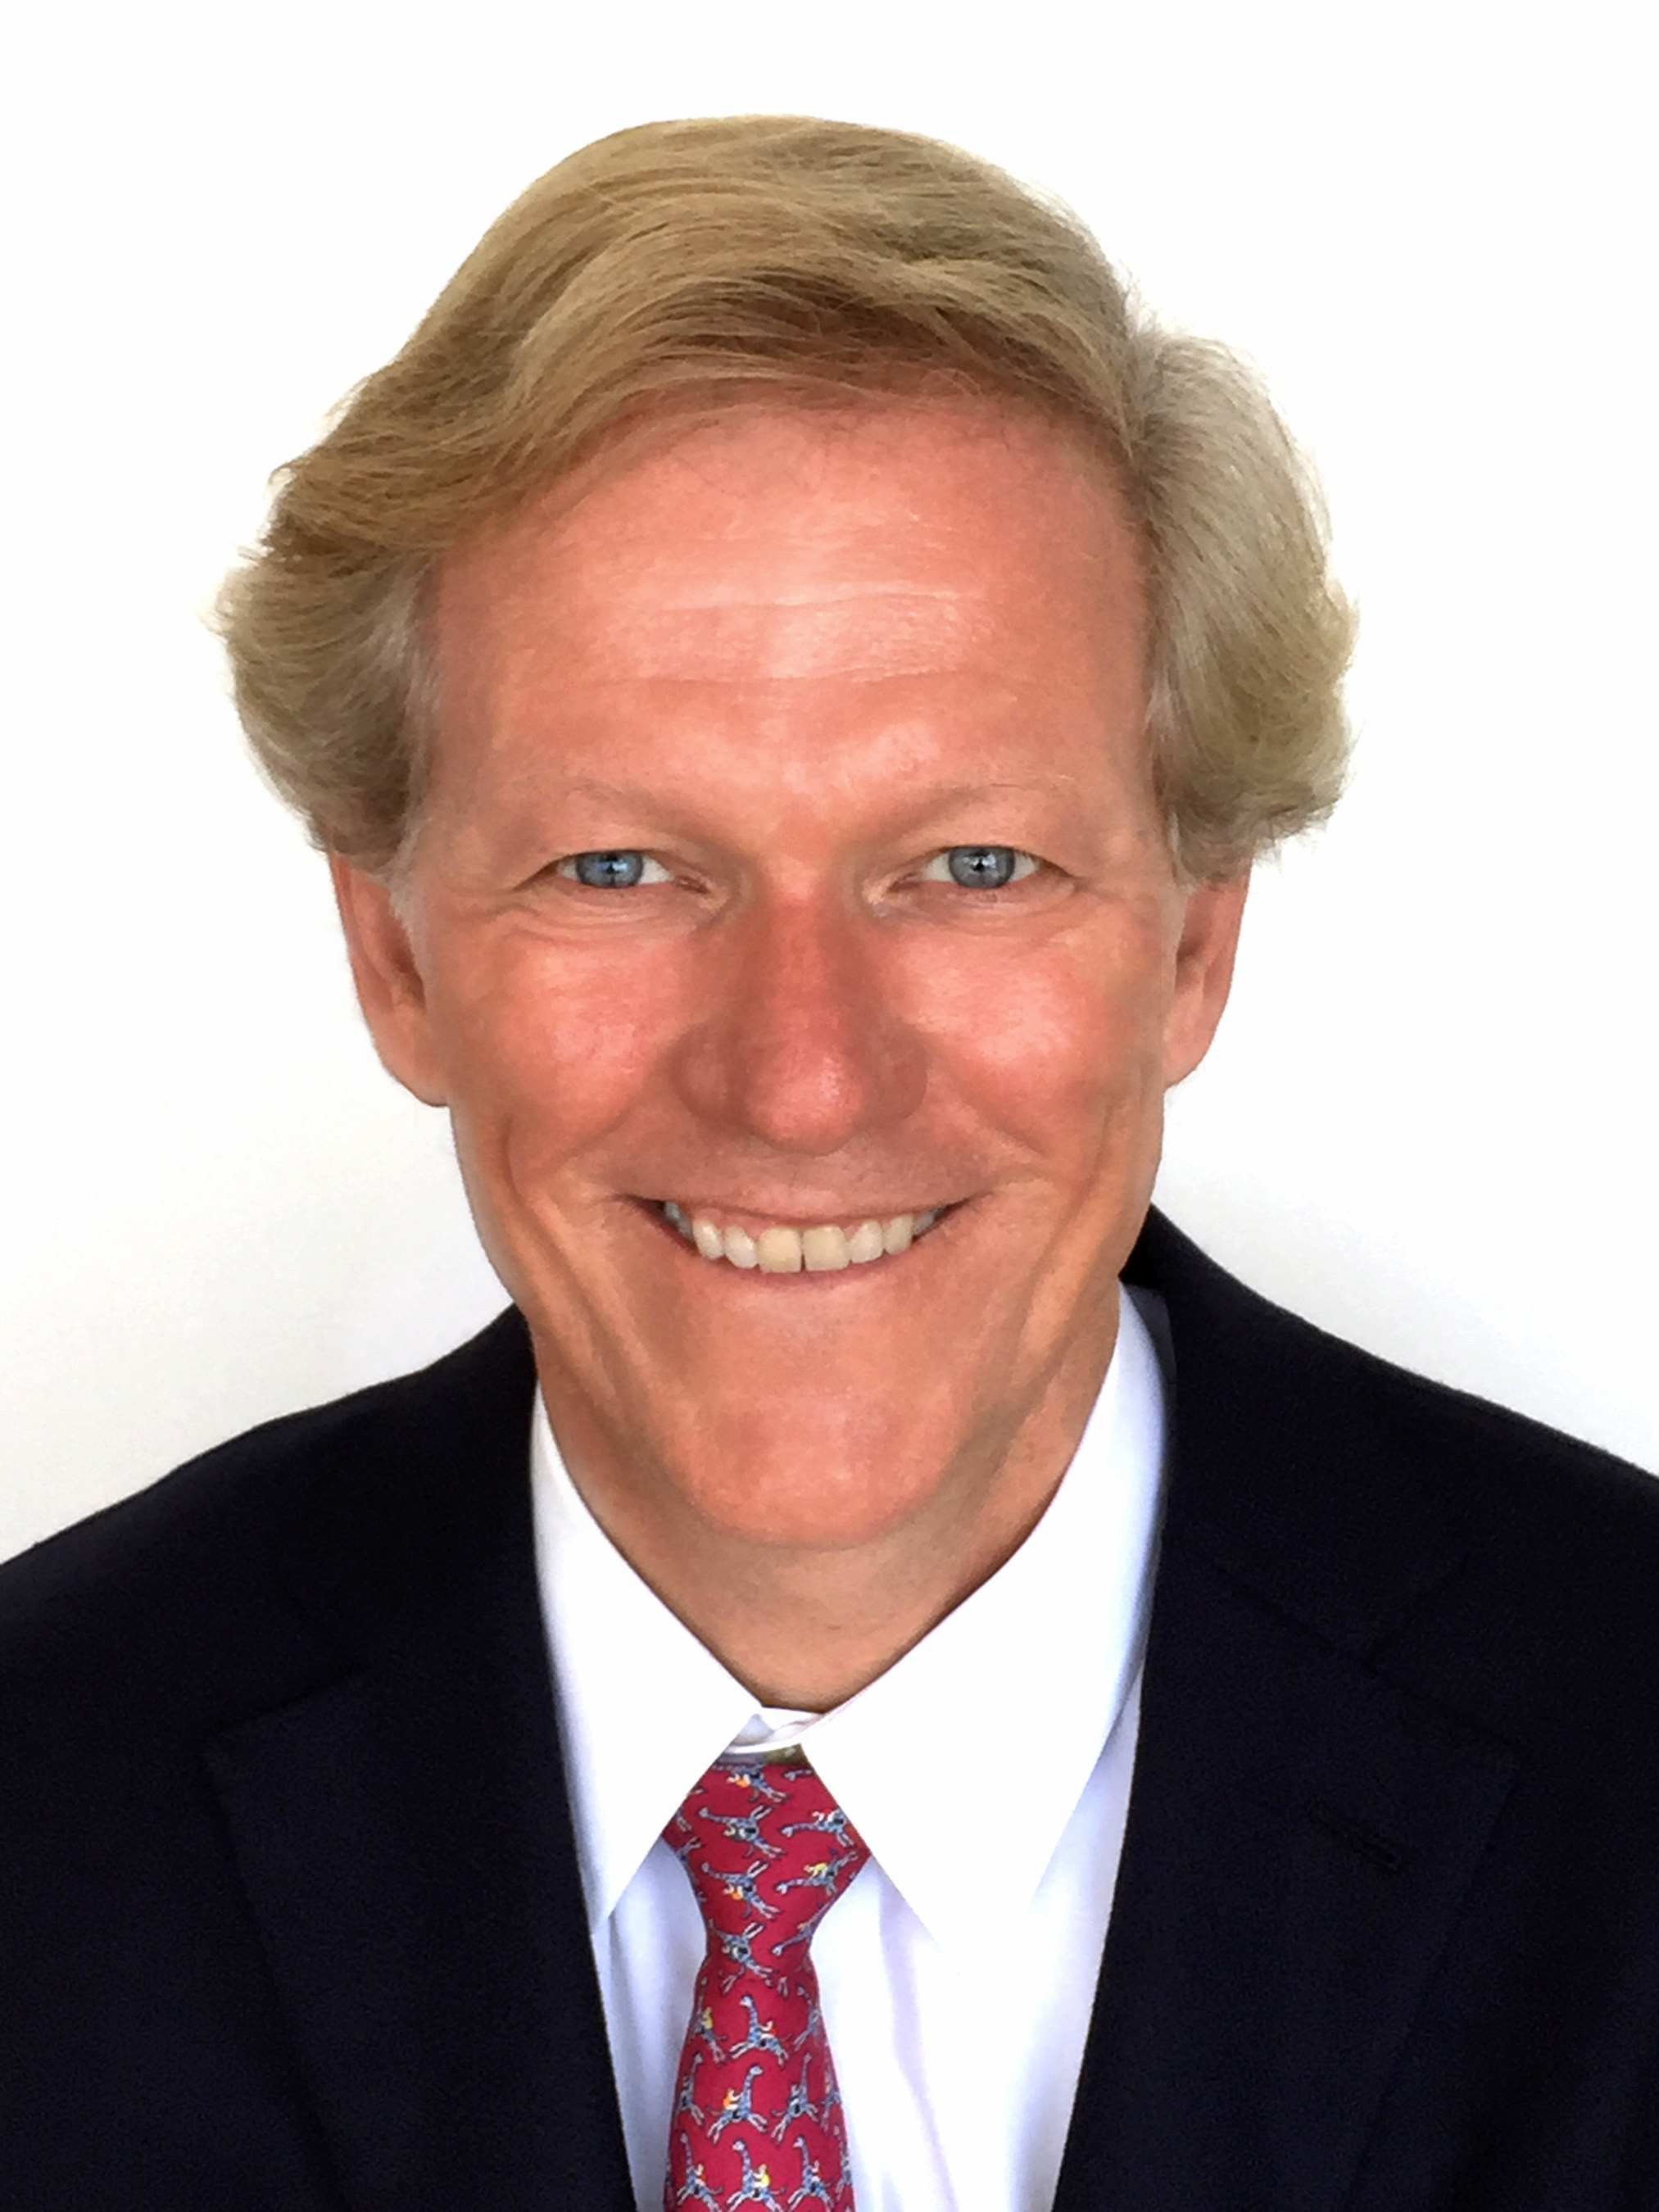 Scott Beardsley benoemd tot nieuwe decaan van de University of Virginia Darden School of Business